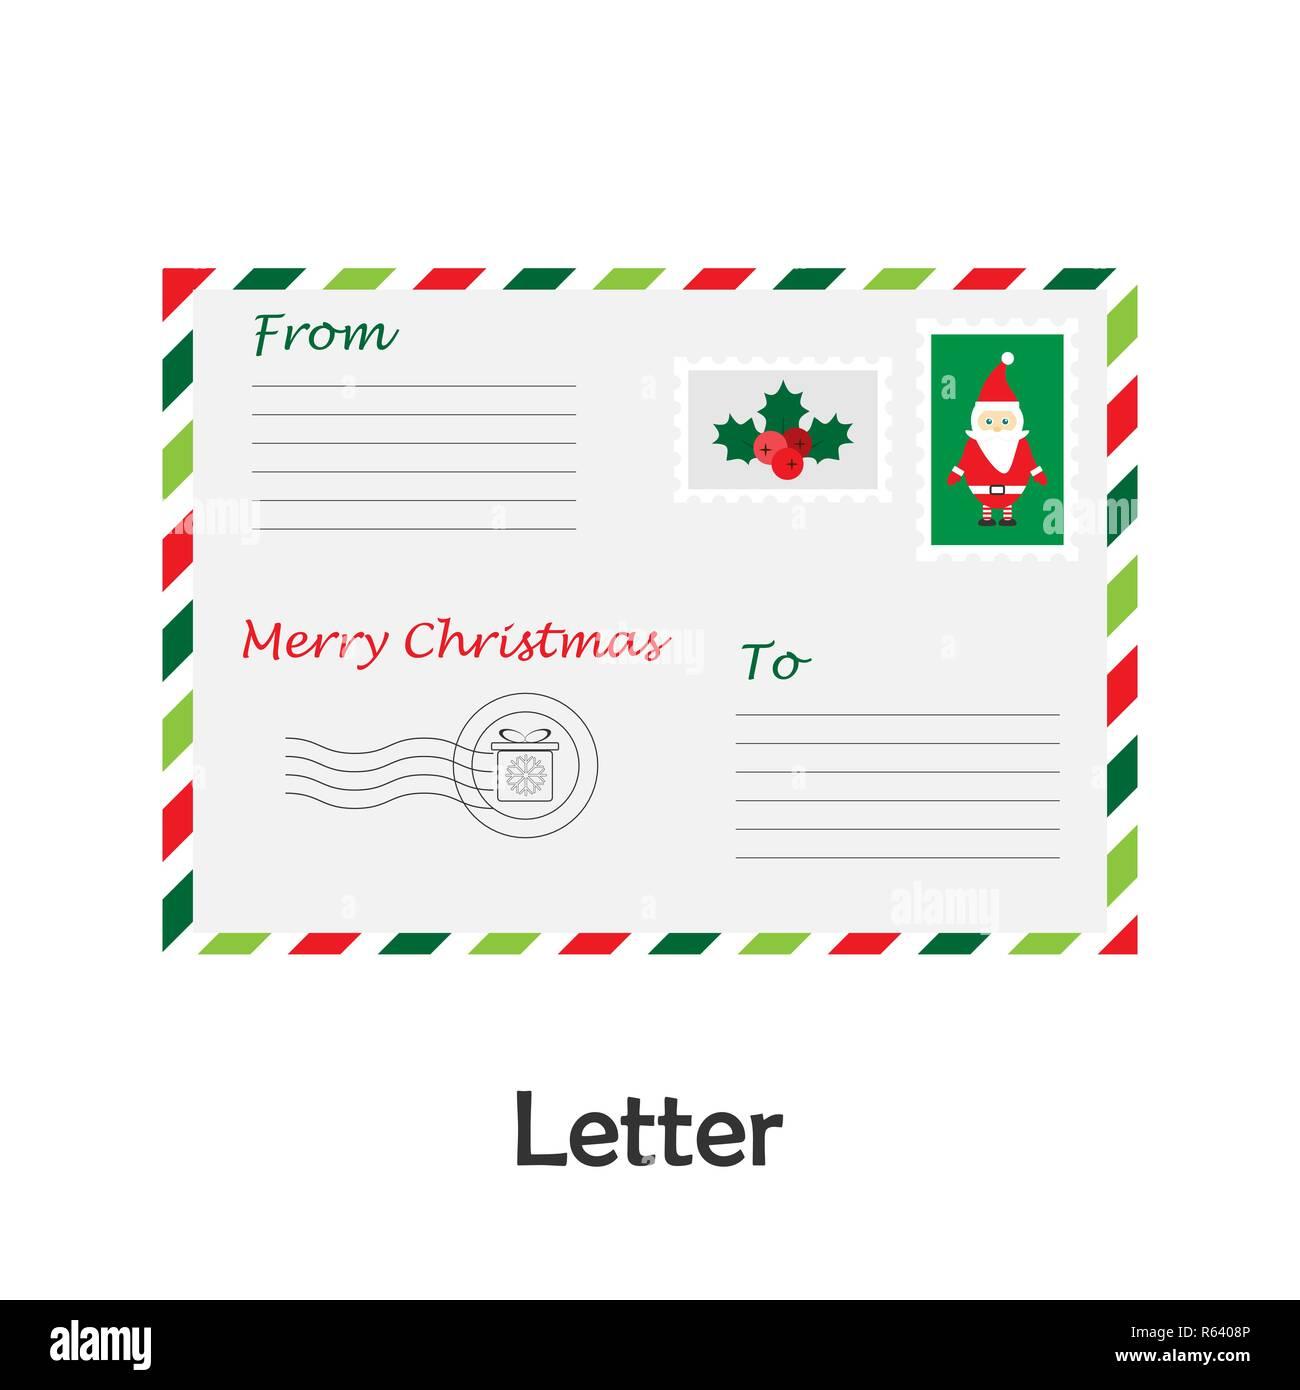 Dibujos Para Tarjetas De Navidad Para Ninos.Carta En El Estilo De Dibujos Animados Tarjeta De Navidad